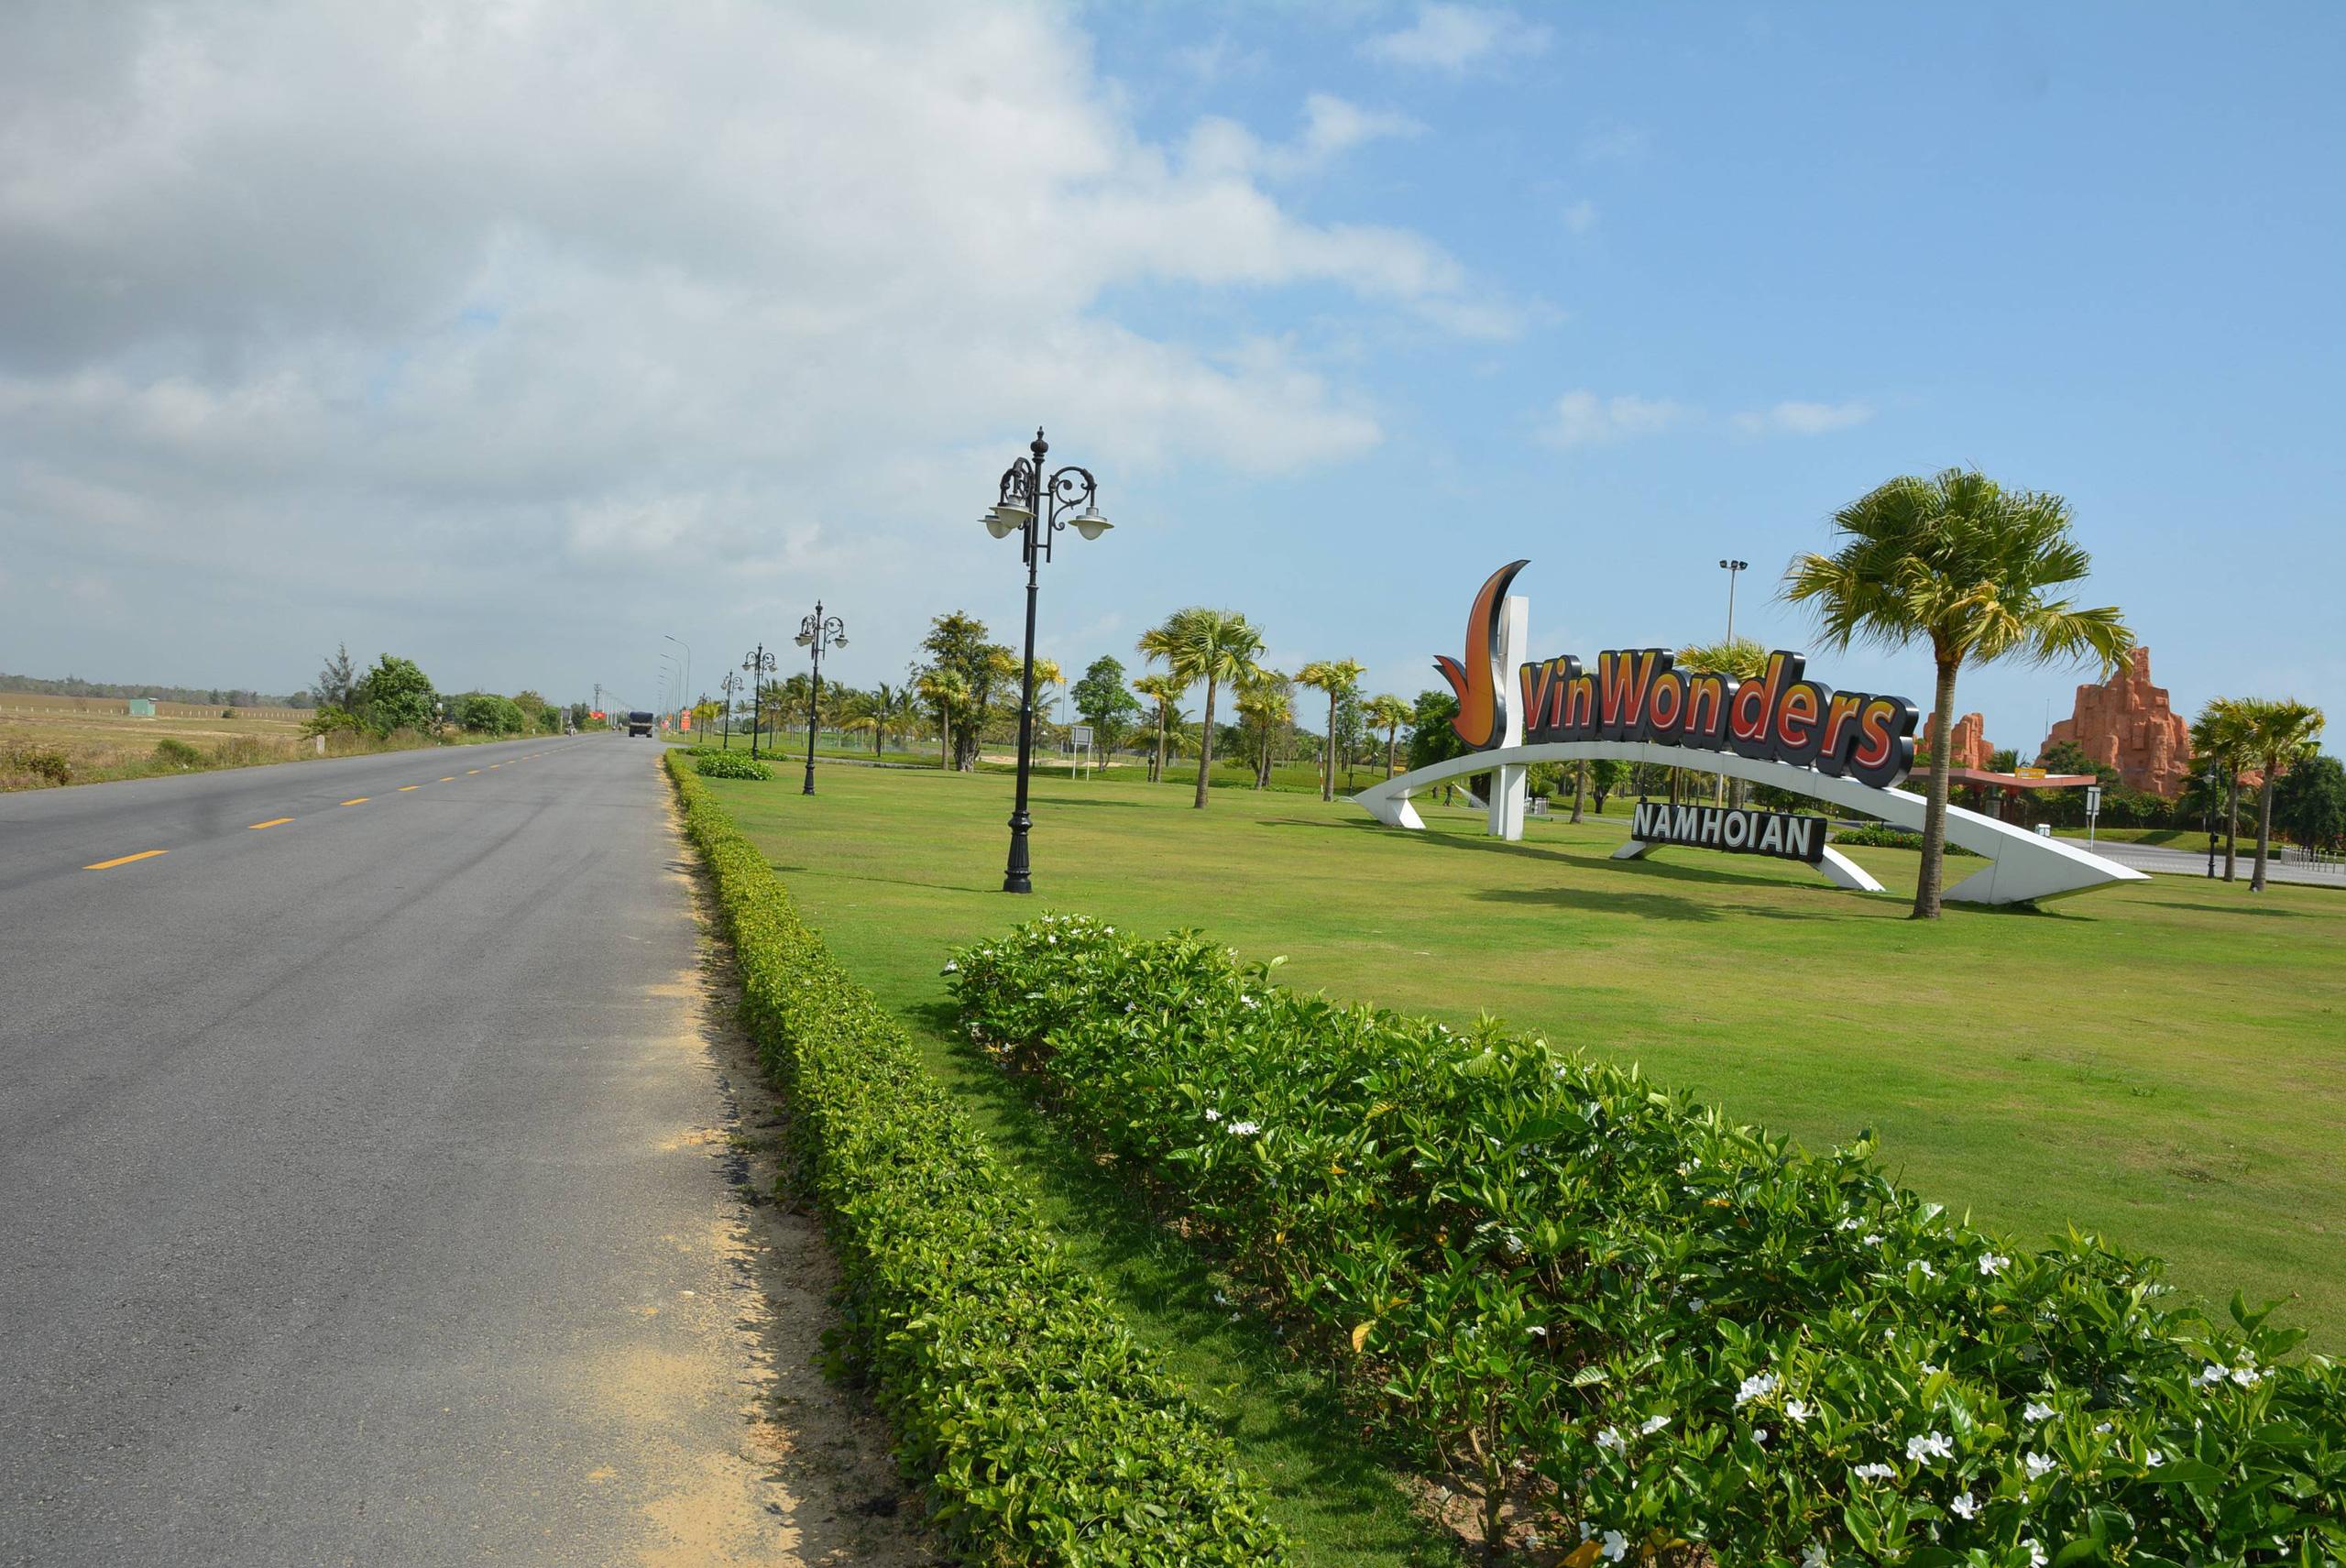 Con đường ở Quảng Nam có nhiều dự án du lịch, bất động sản nghìn tỷ đồng - Ảnh 3.